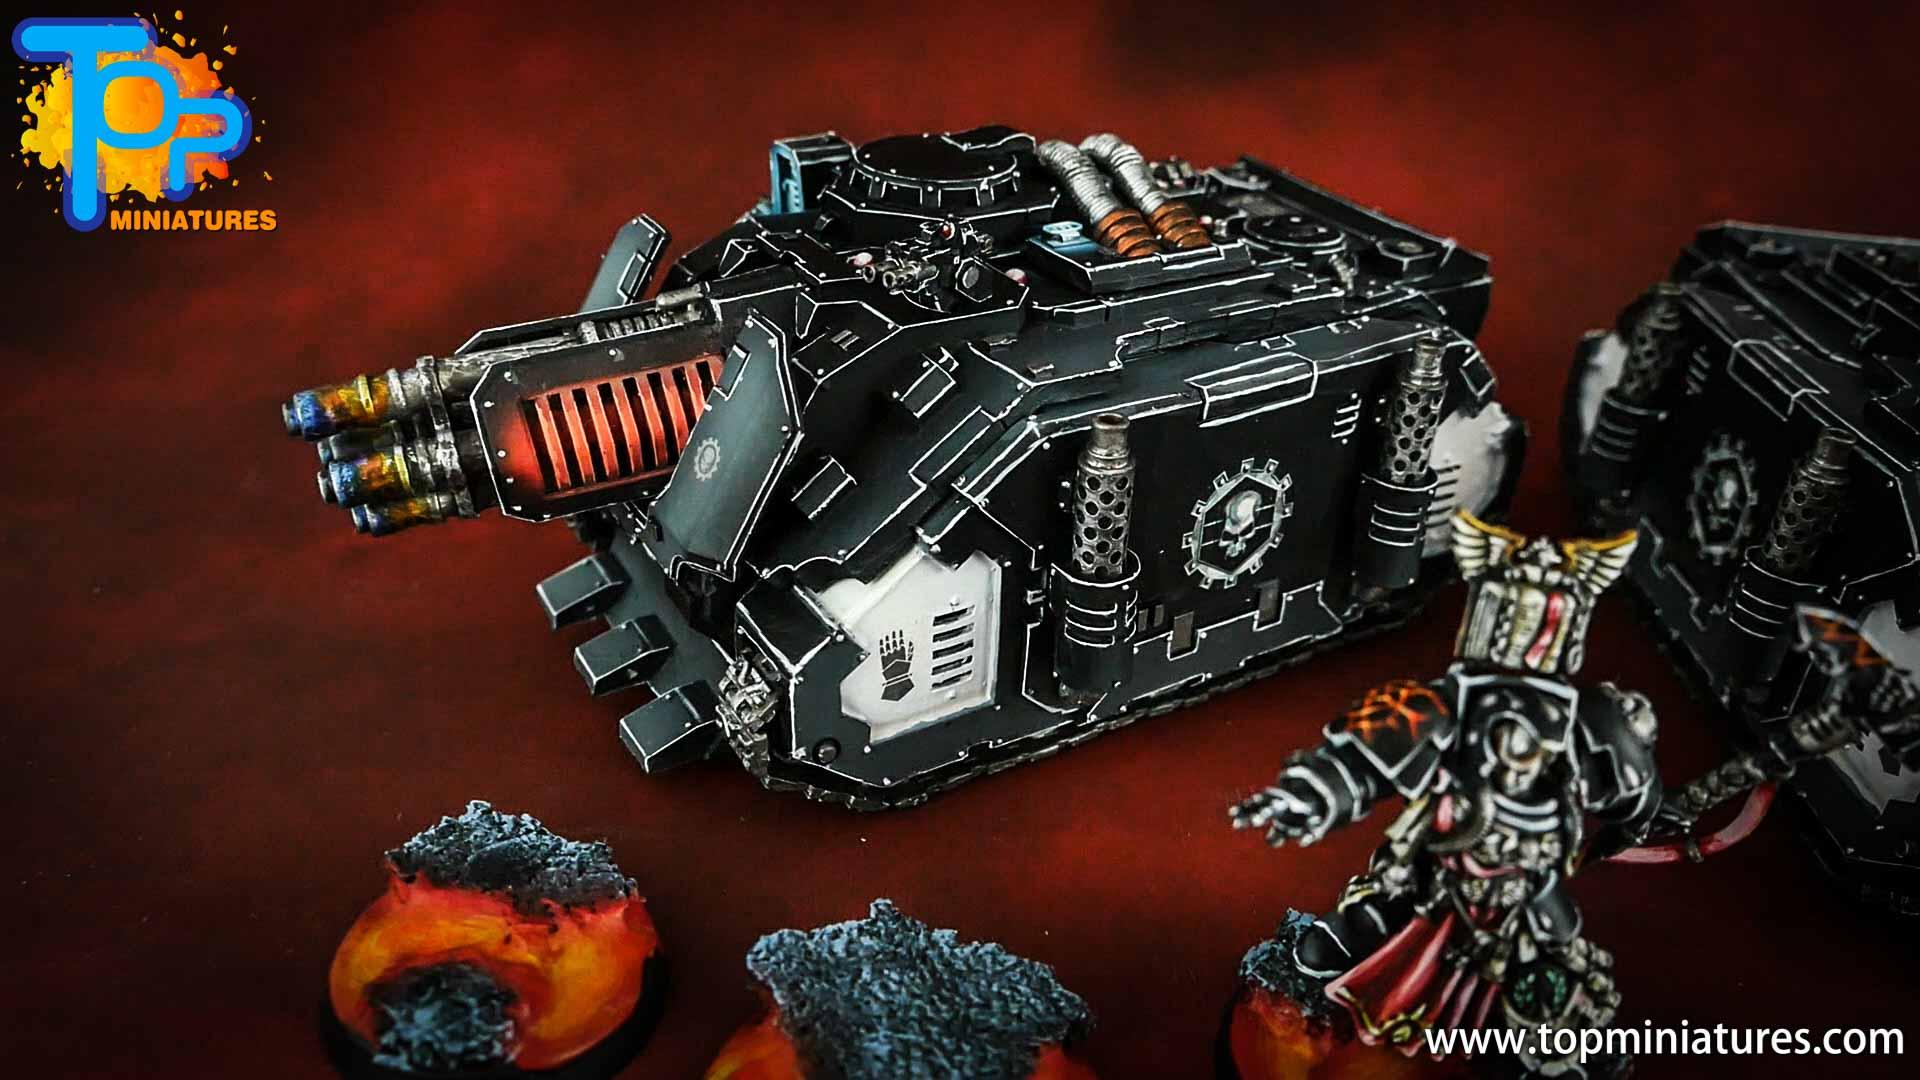 deimos vindicator laser destroyer (8)